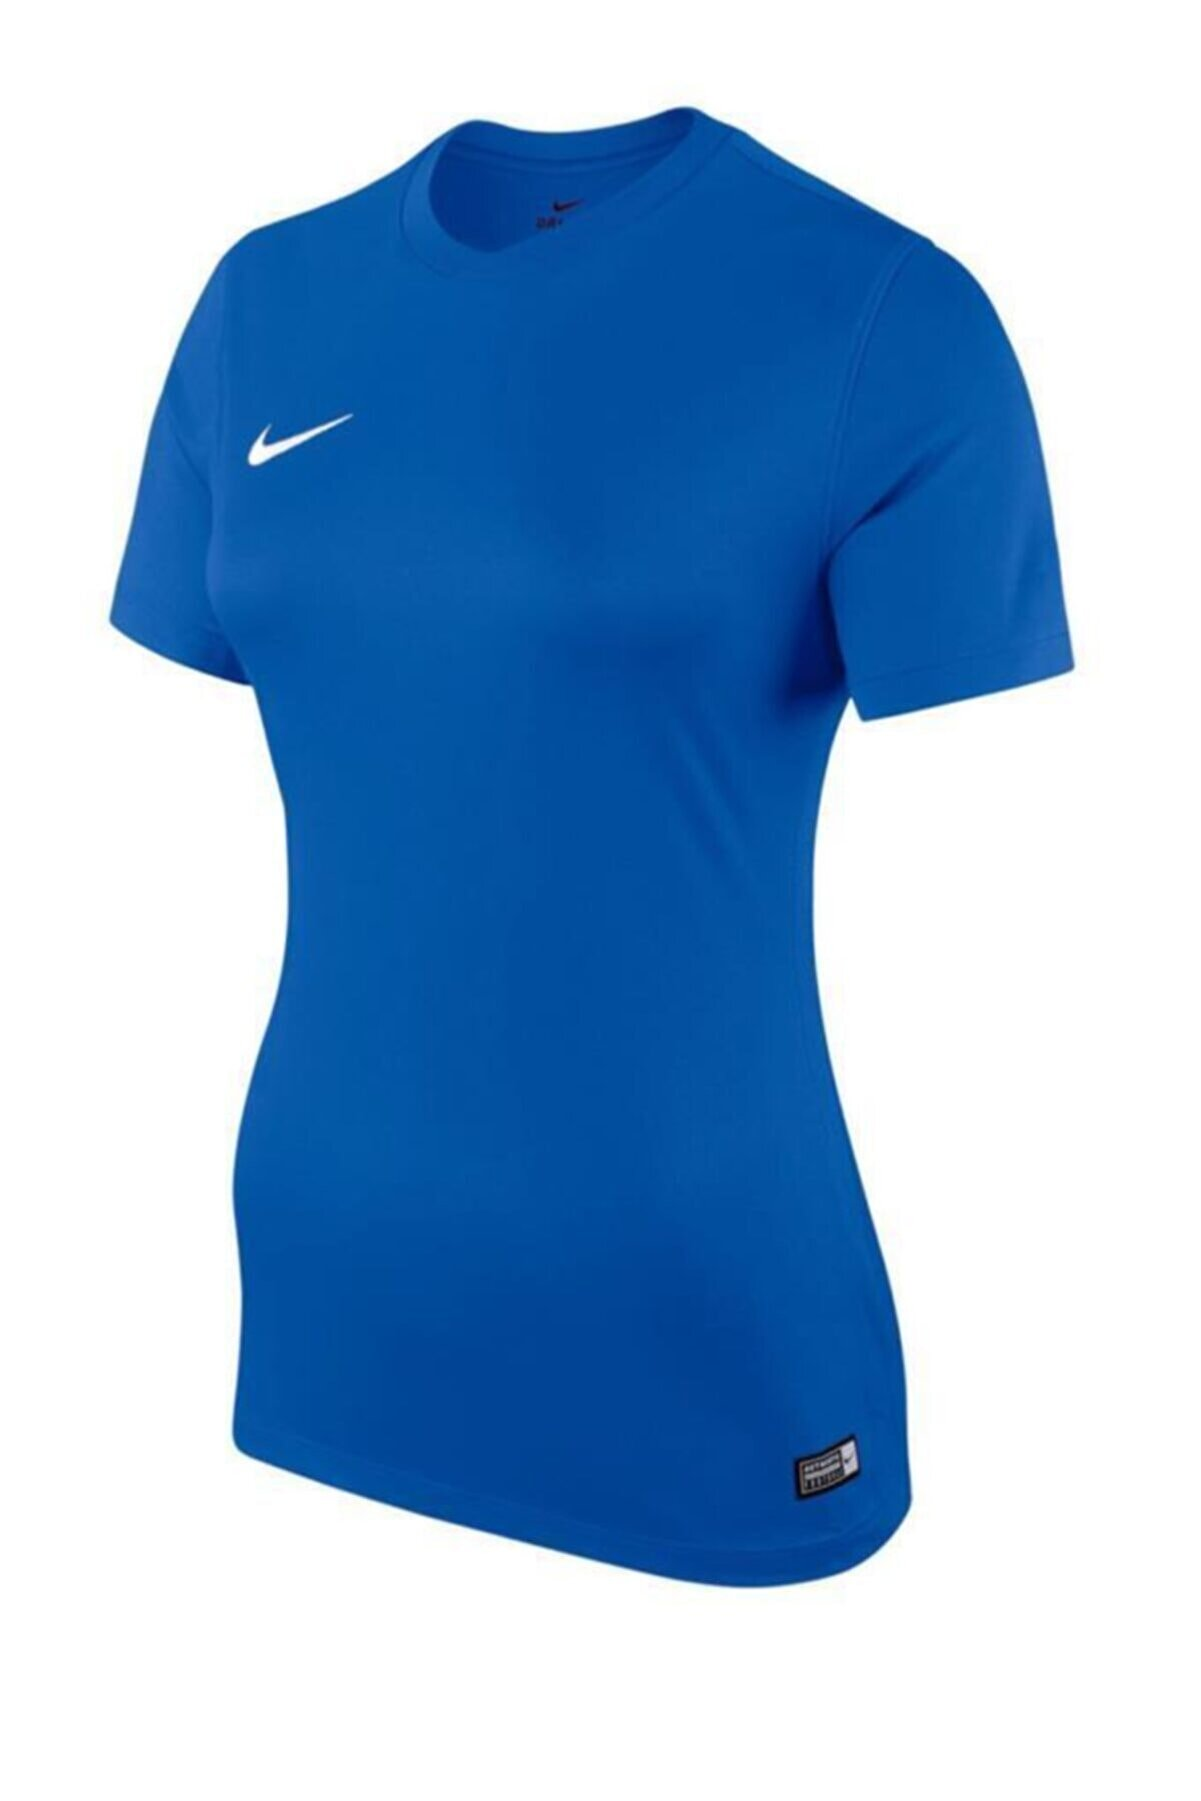 Nike Park Vı Jsy 833058-480 Bayan Kısa Kol Tişört